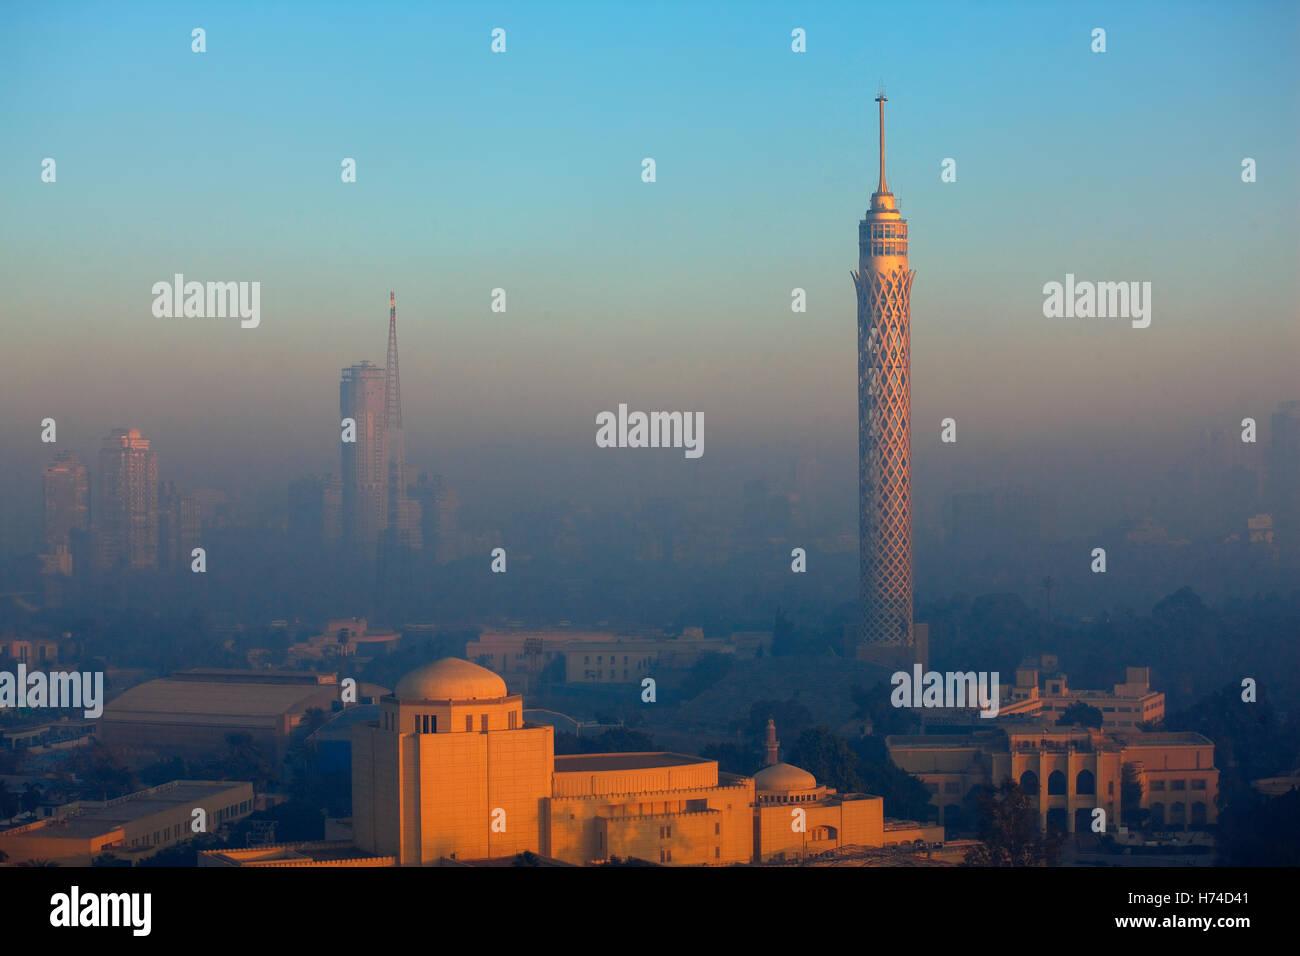 Torre de TV y una fuerte contaminación en El Cairo, Egipto Imagen De Stock